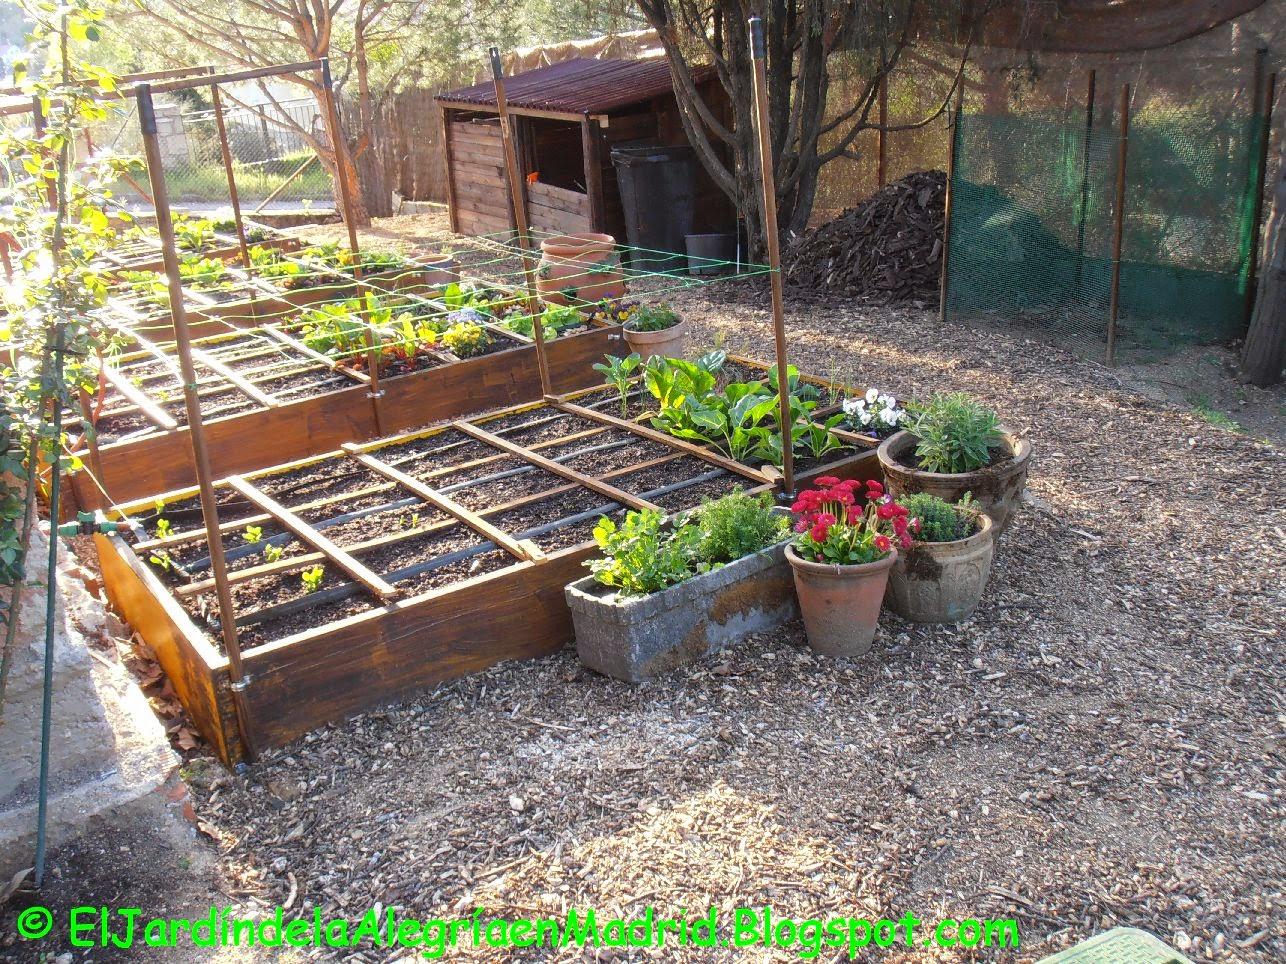 El jard n de la alegr a acolchado de madera triturada - Huerto y jardin ...